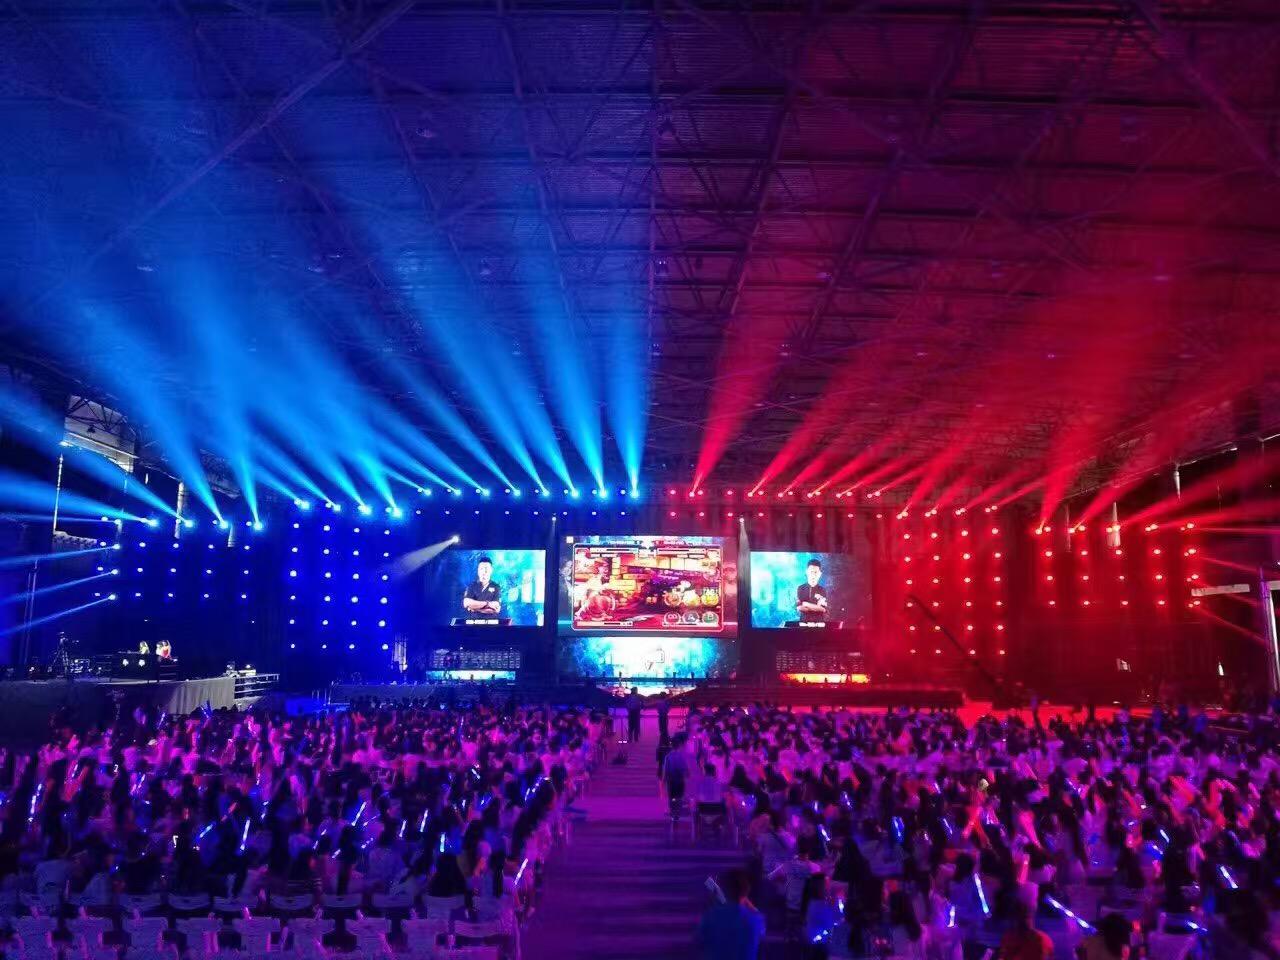 CMEG2016贵阳总决赛今日开幕 冠军即将诞生